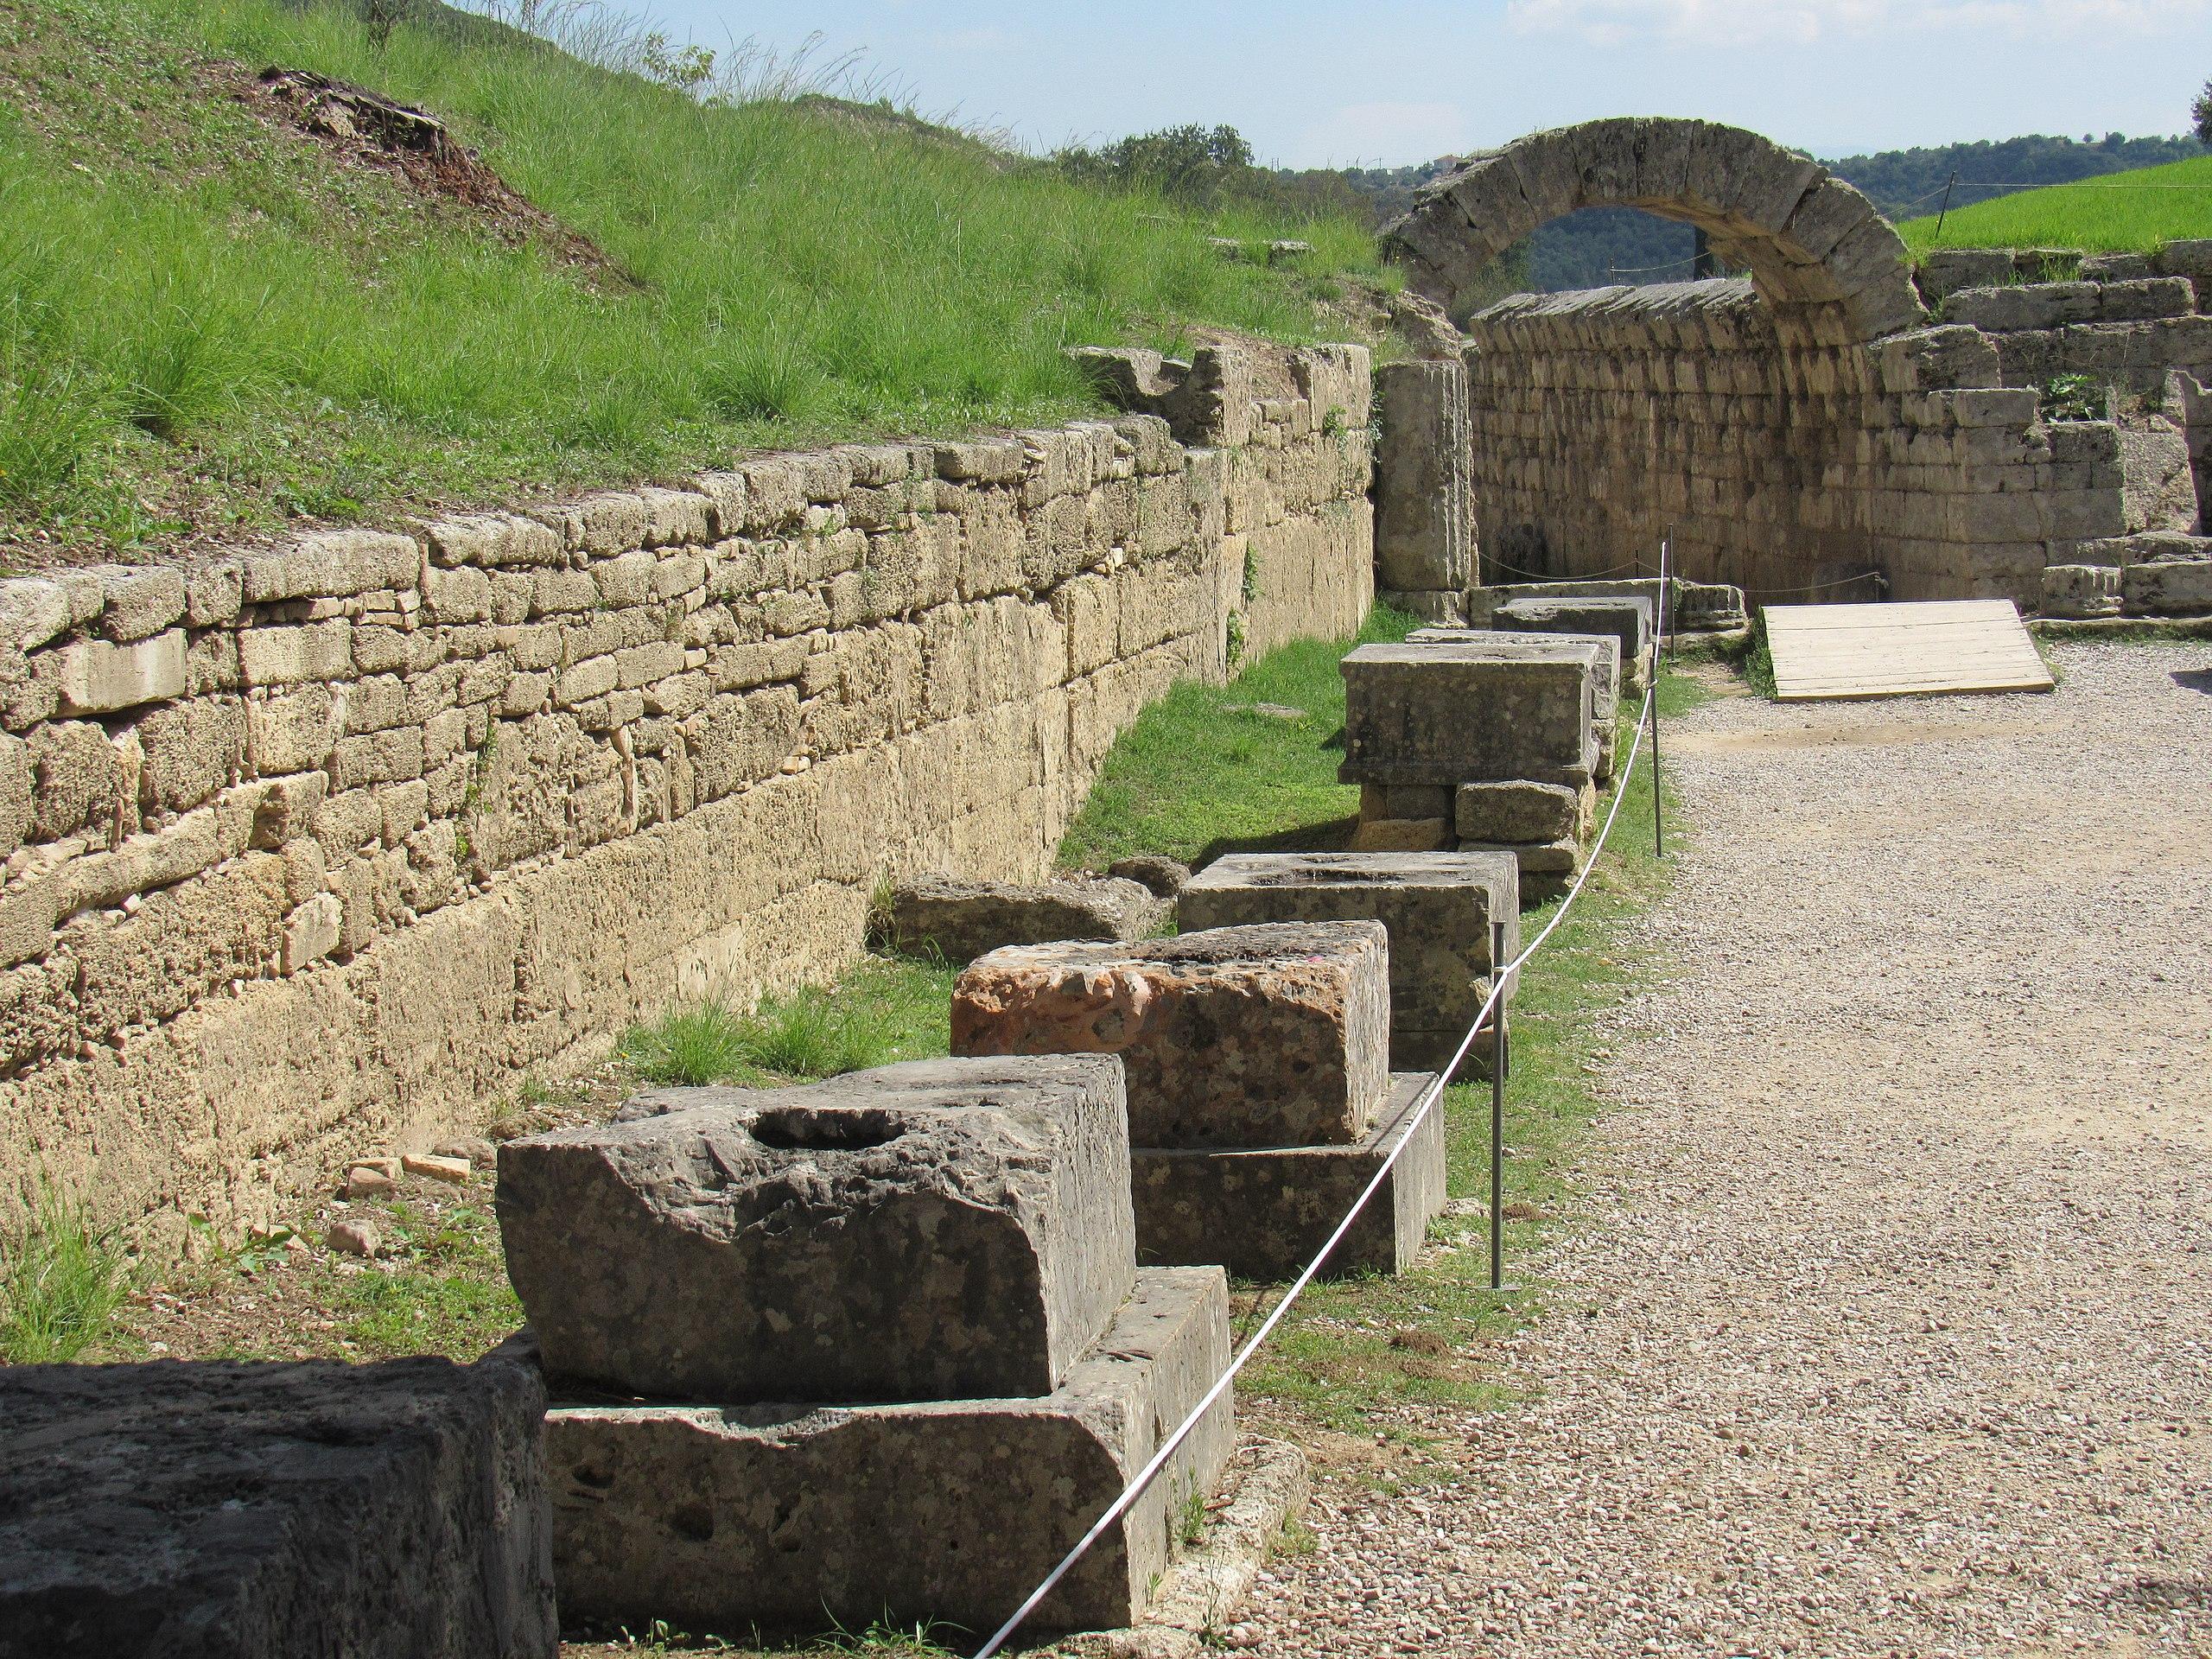 a line of stone pedestals